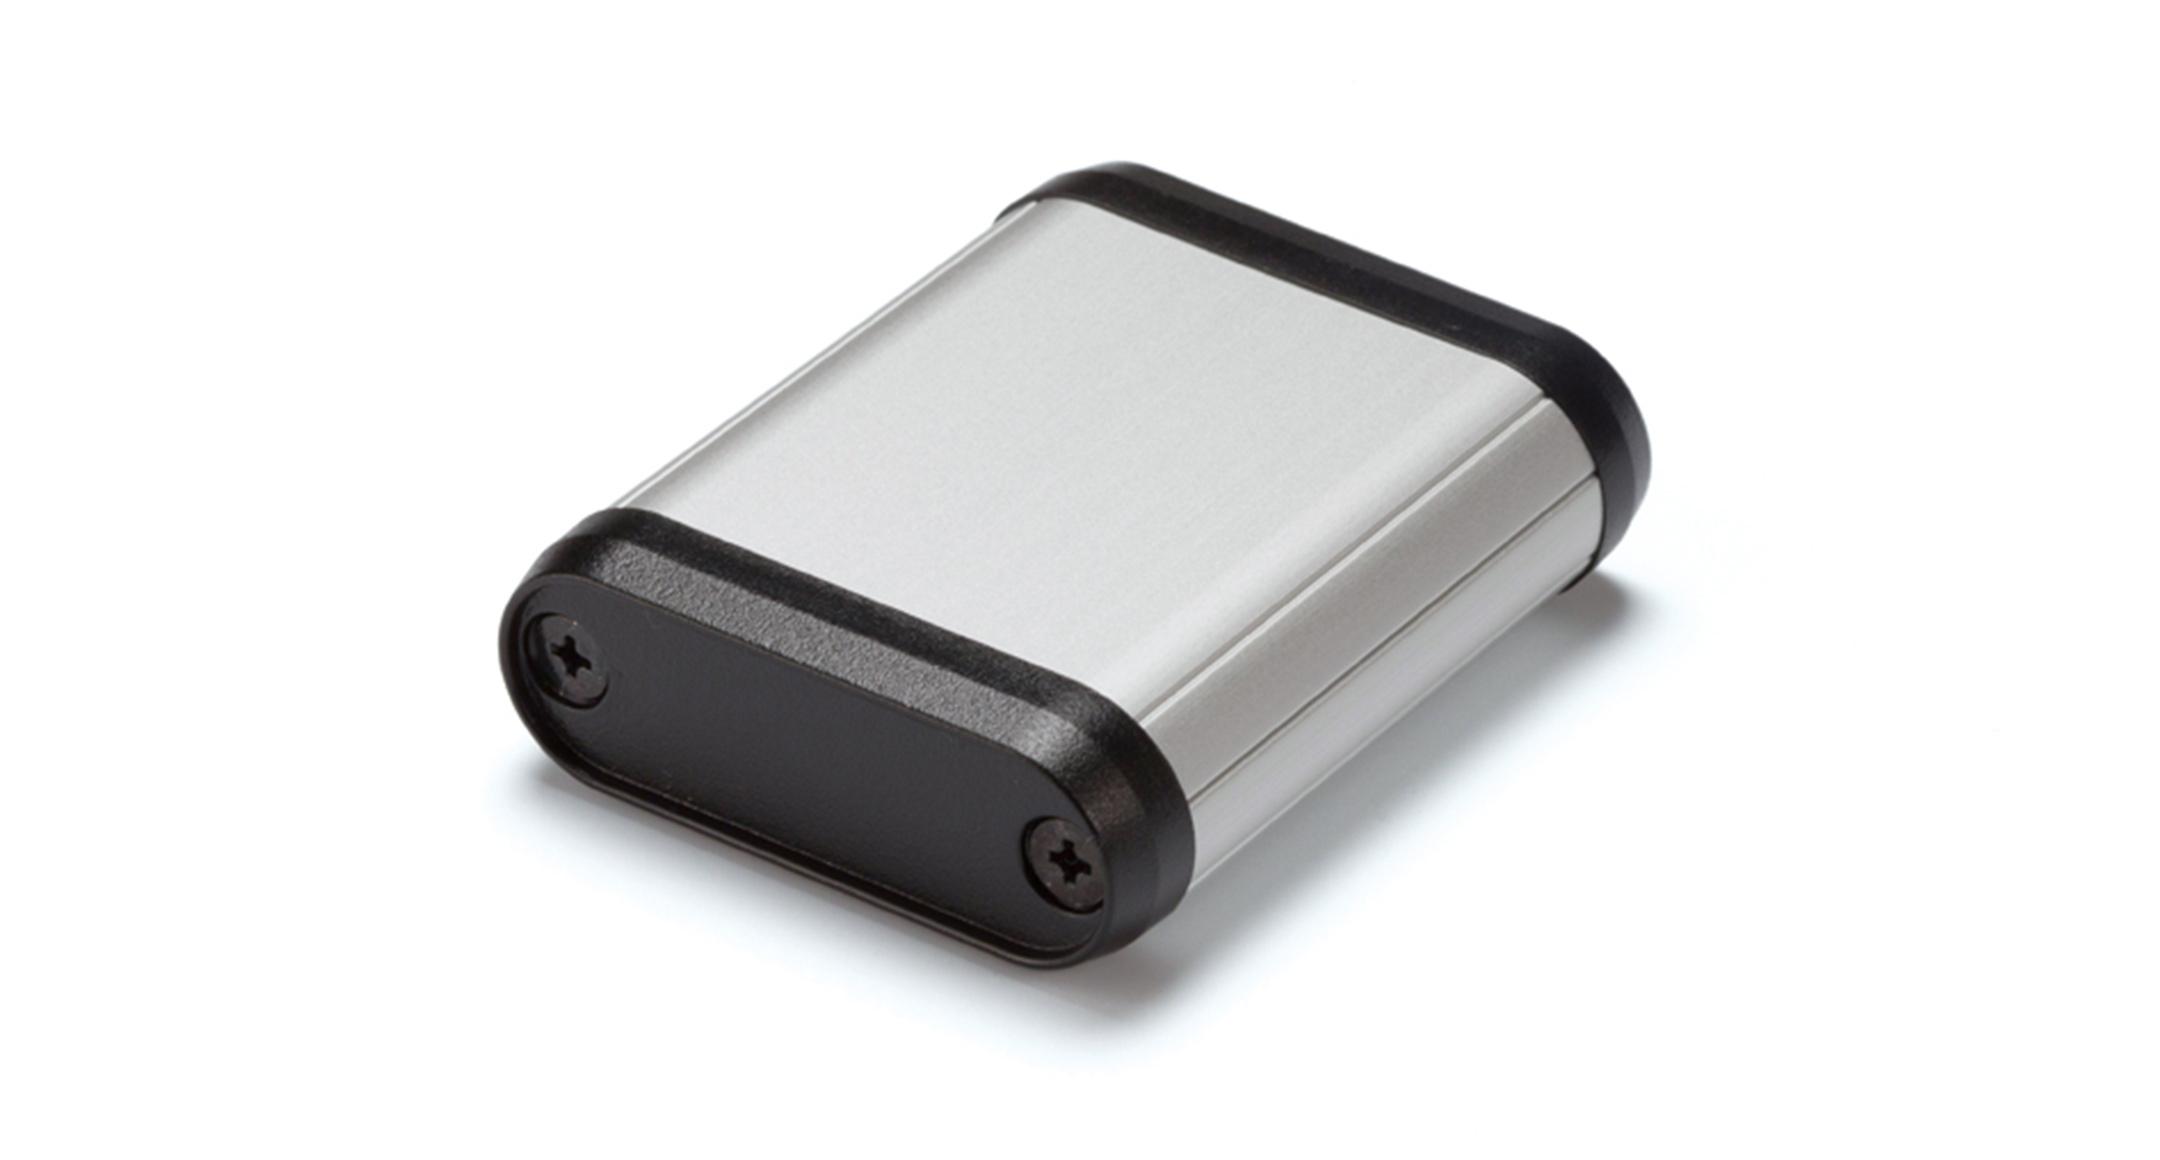 丸型モバイルケース MXシリーズ:シルバー/ブラックの画像